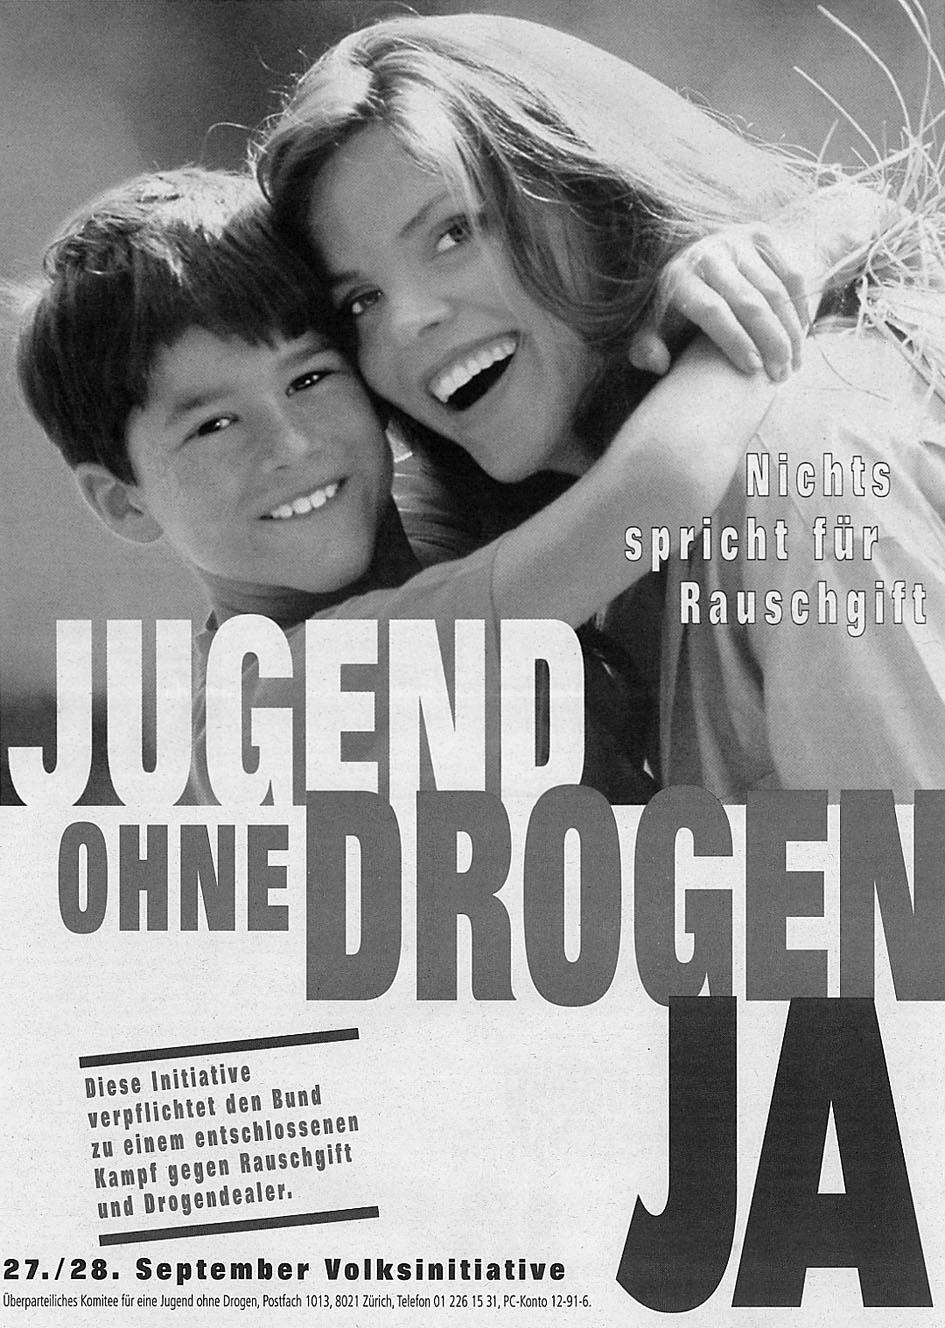 Jugend ohne Drogen